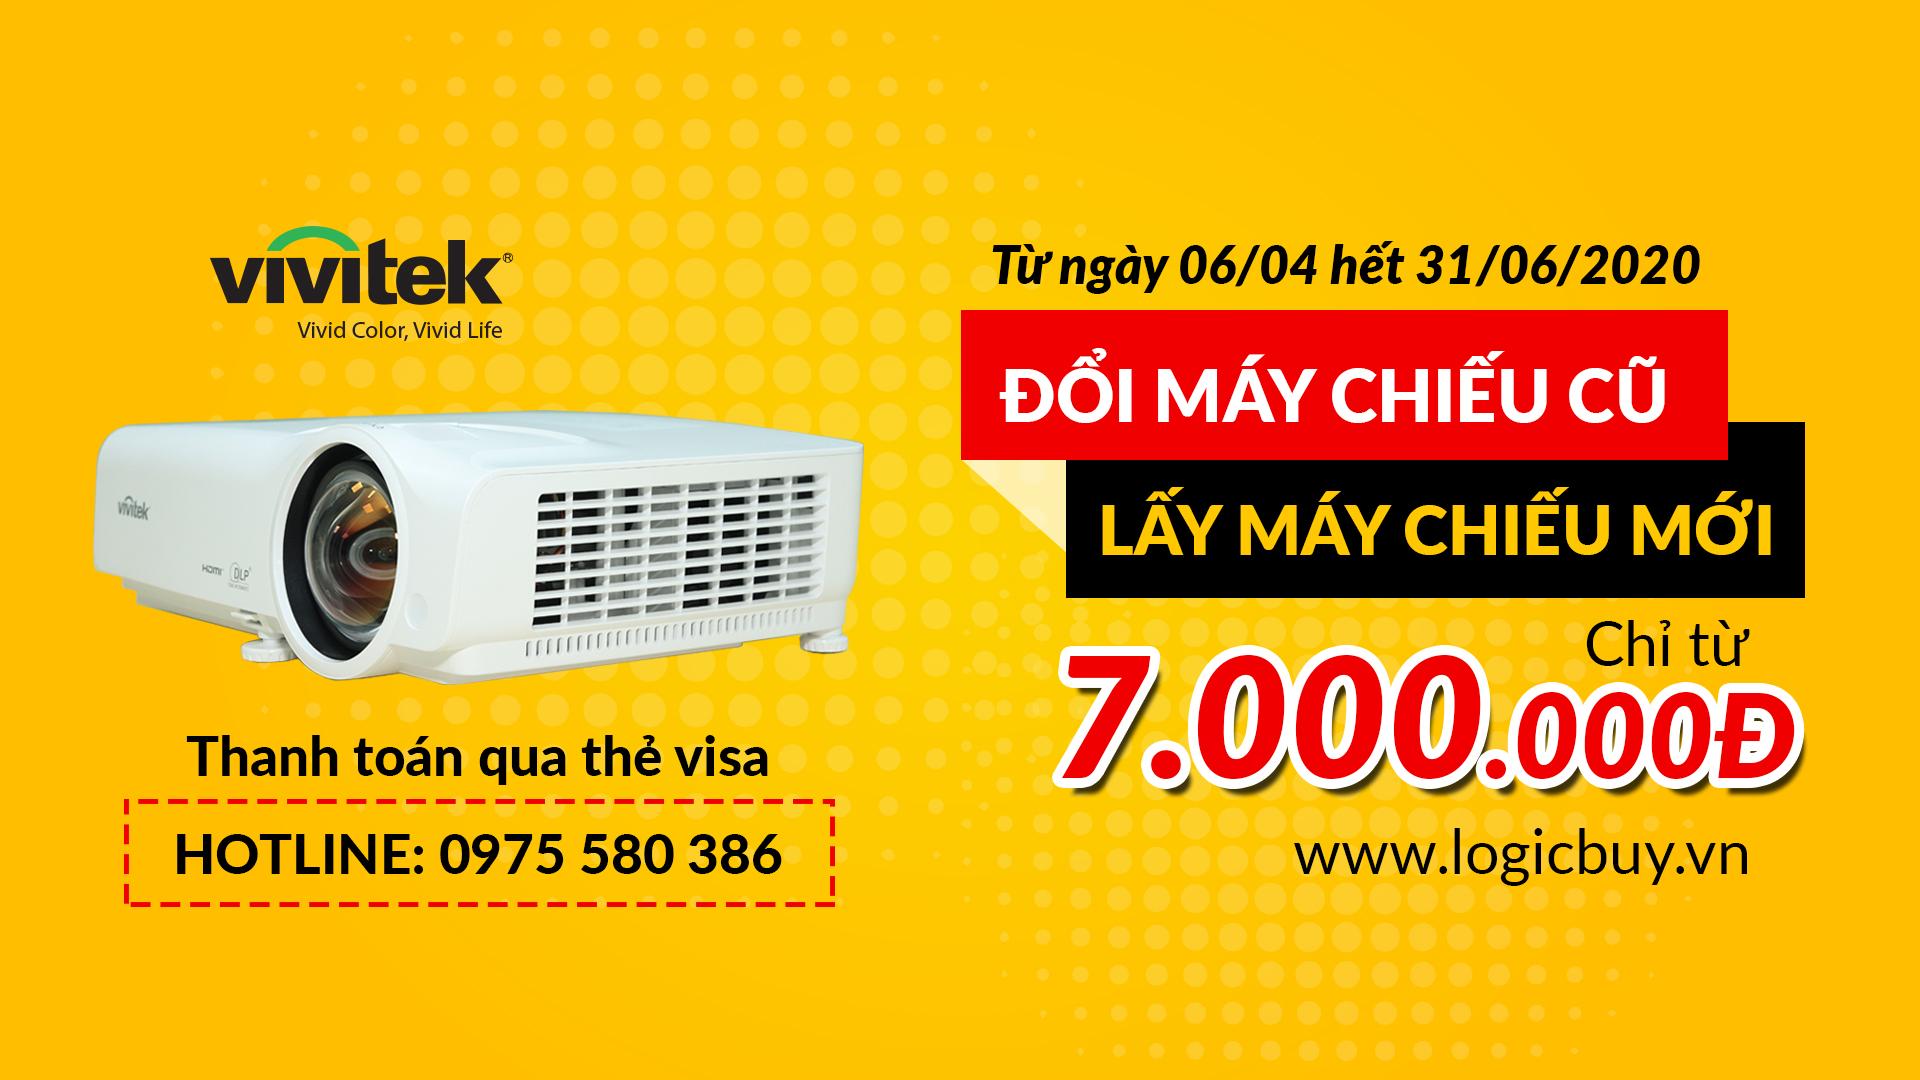 Công ty LogicBUY cùng hãng Vivitek tri ân khách hàng Việt Nam!